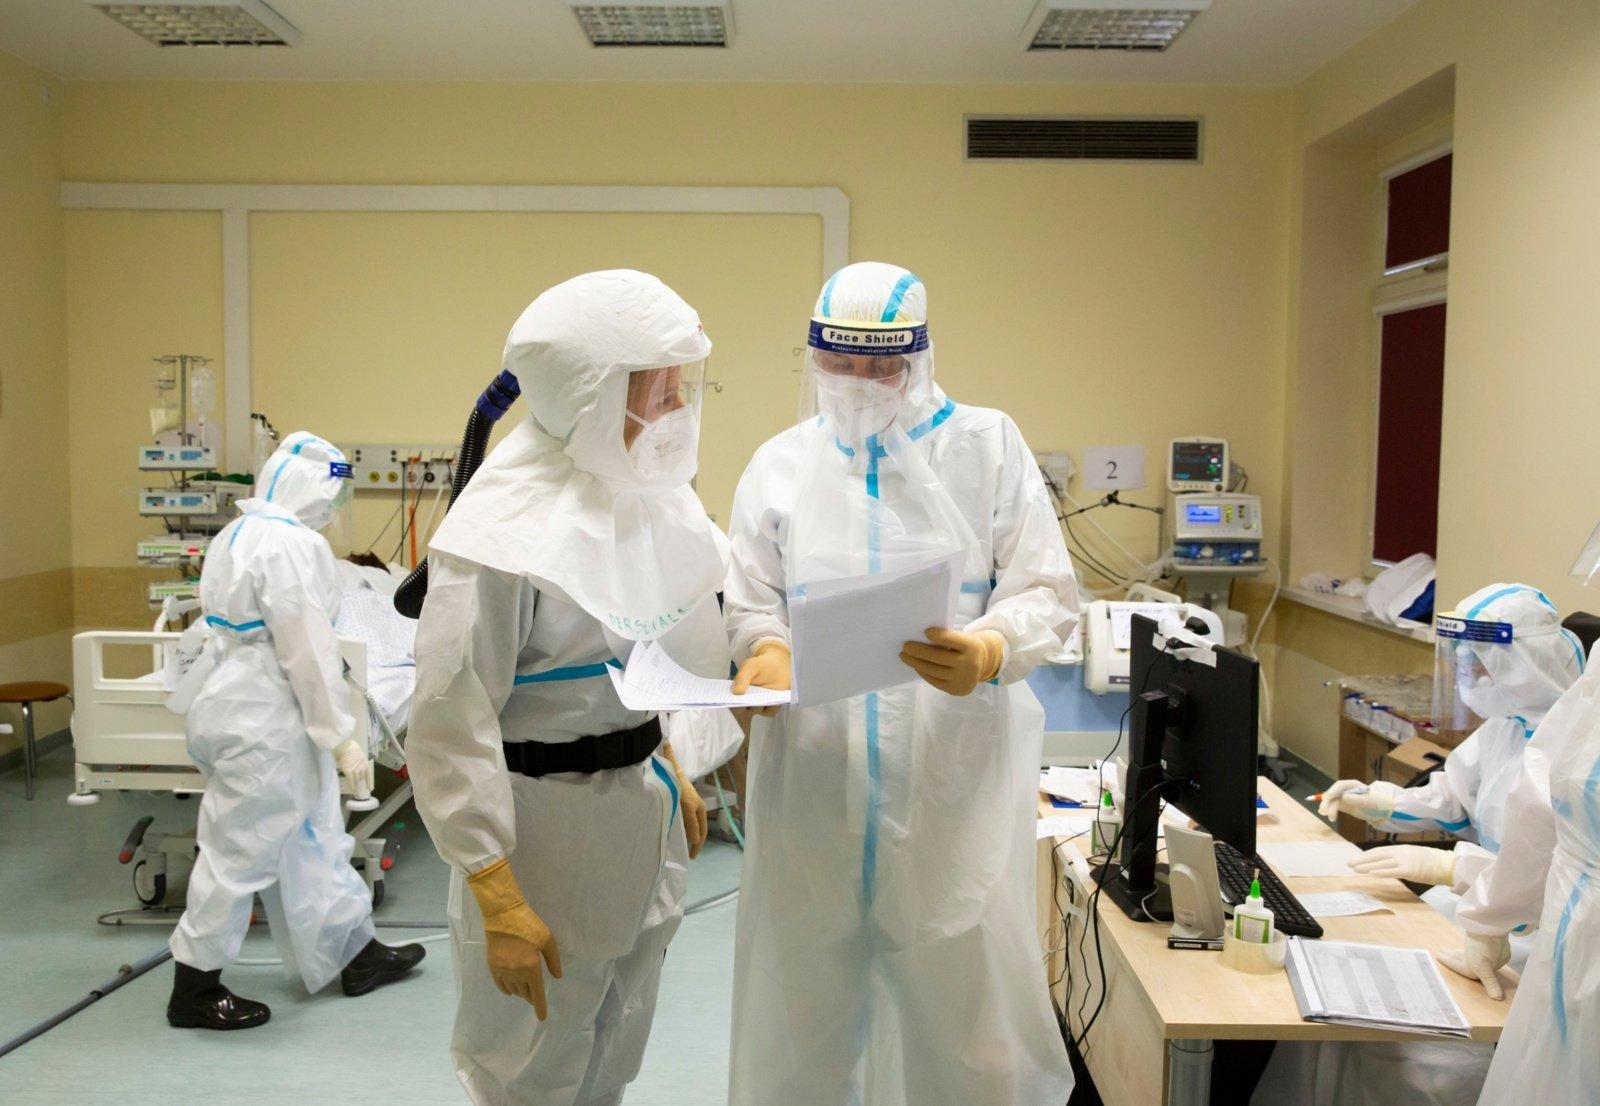 Ligoninėse gydomi 517 COVID-19 pacientų, 62 iš jų – reanimacijoje